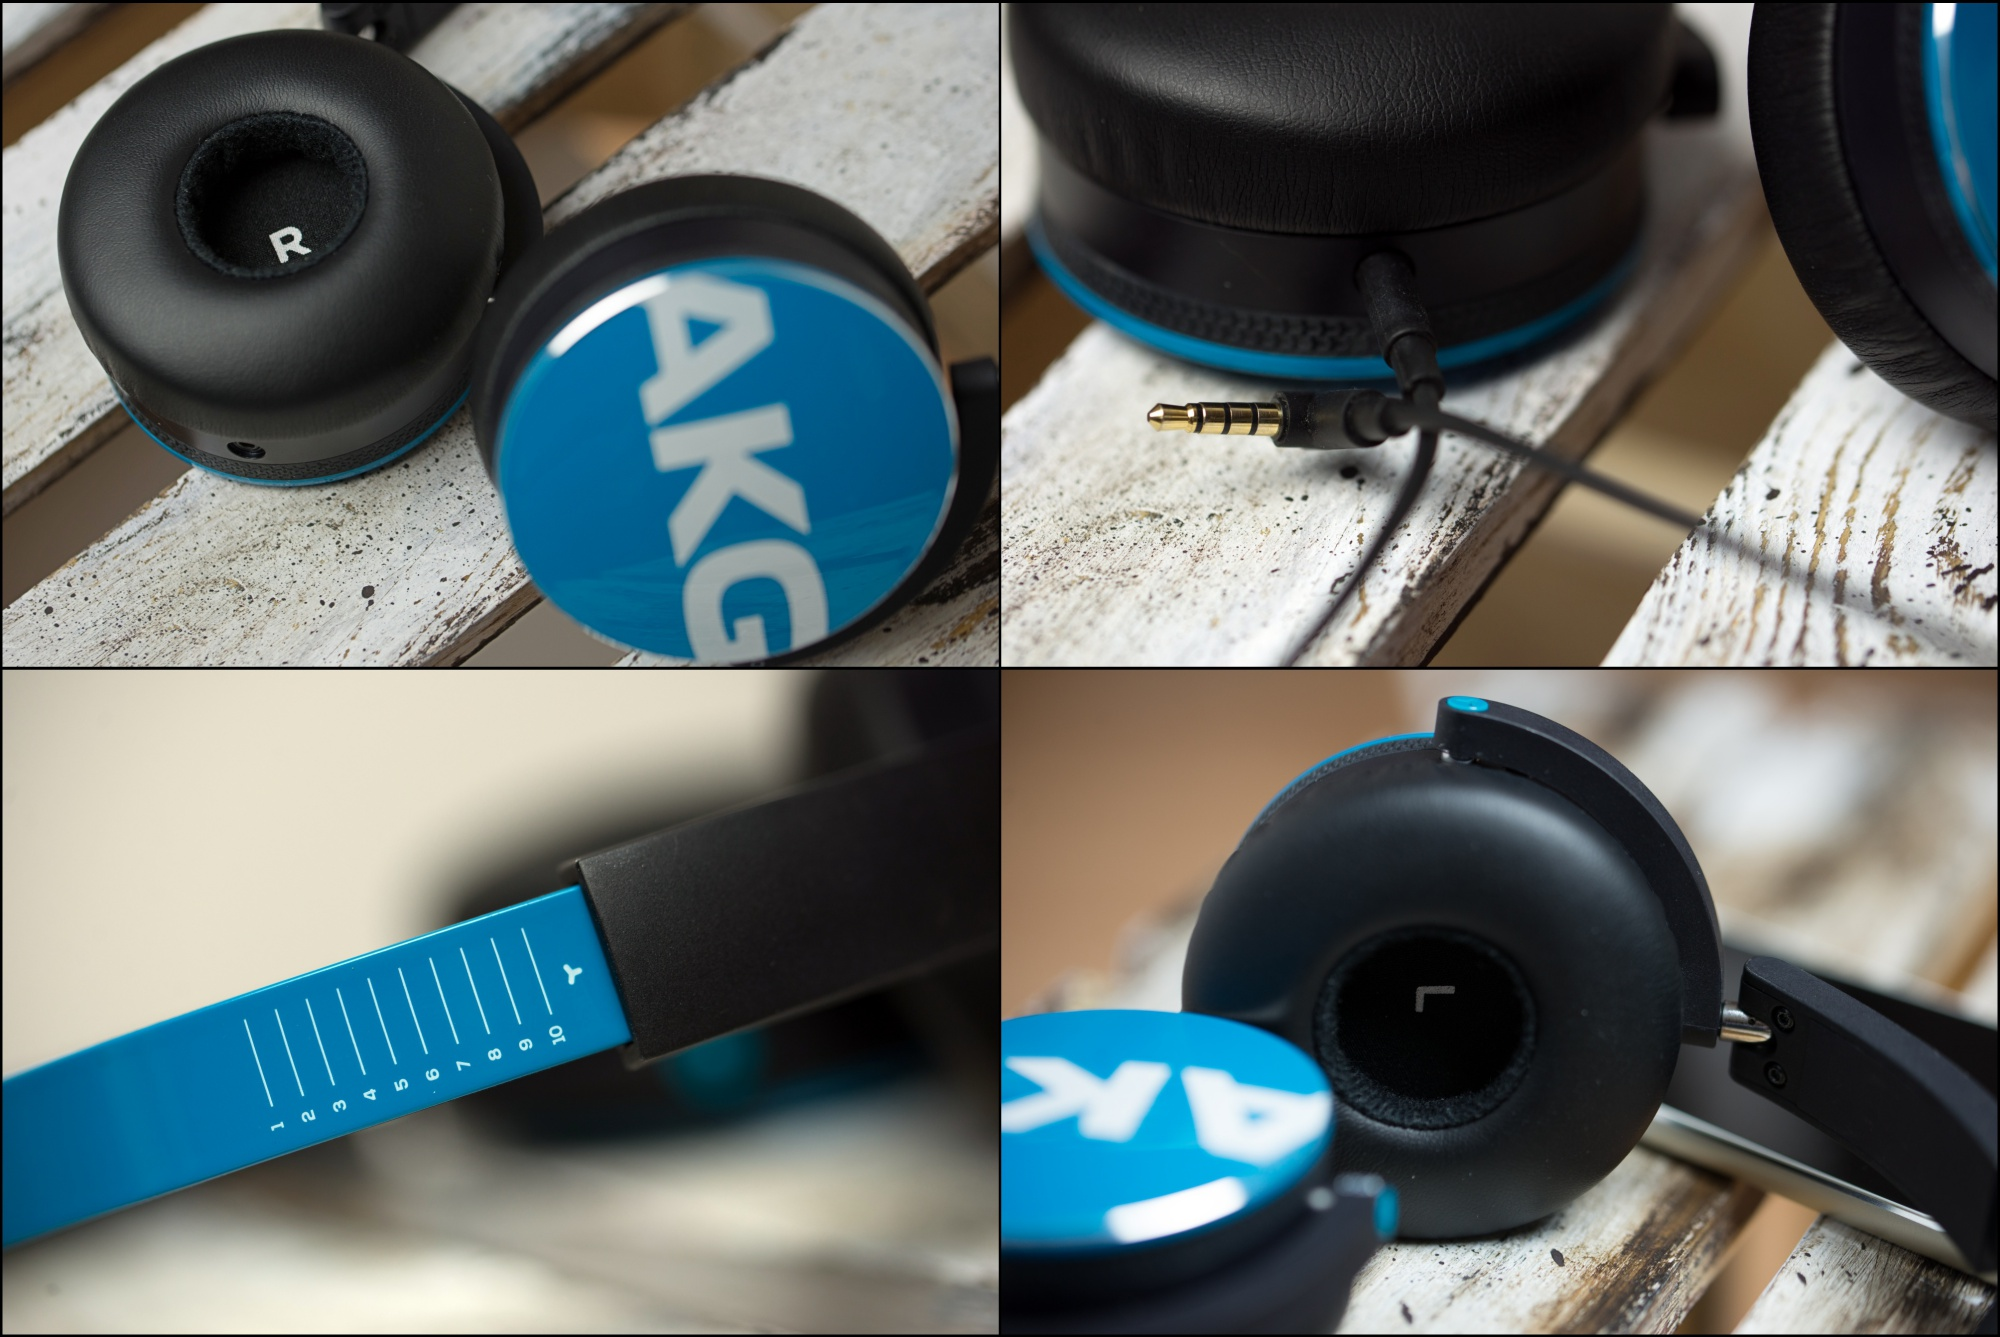 akg-y50-1